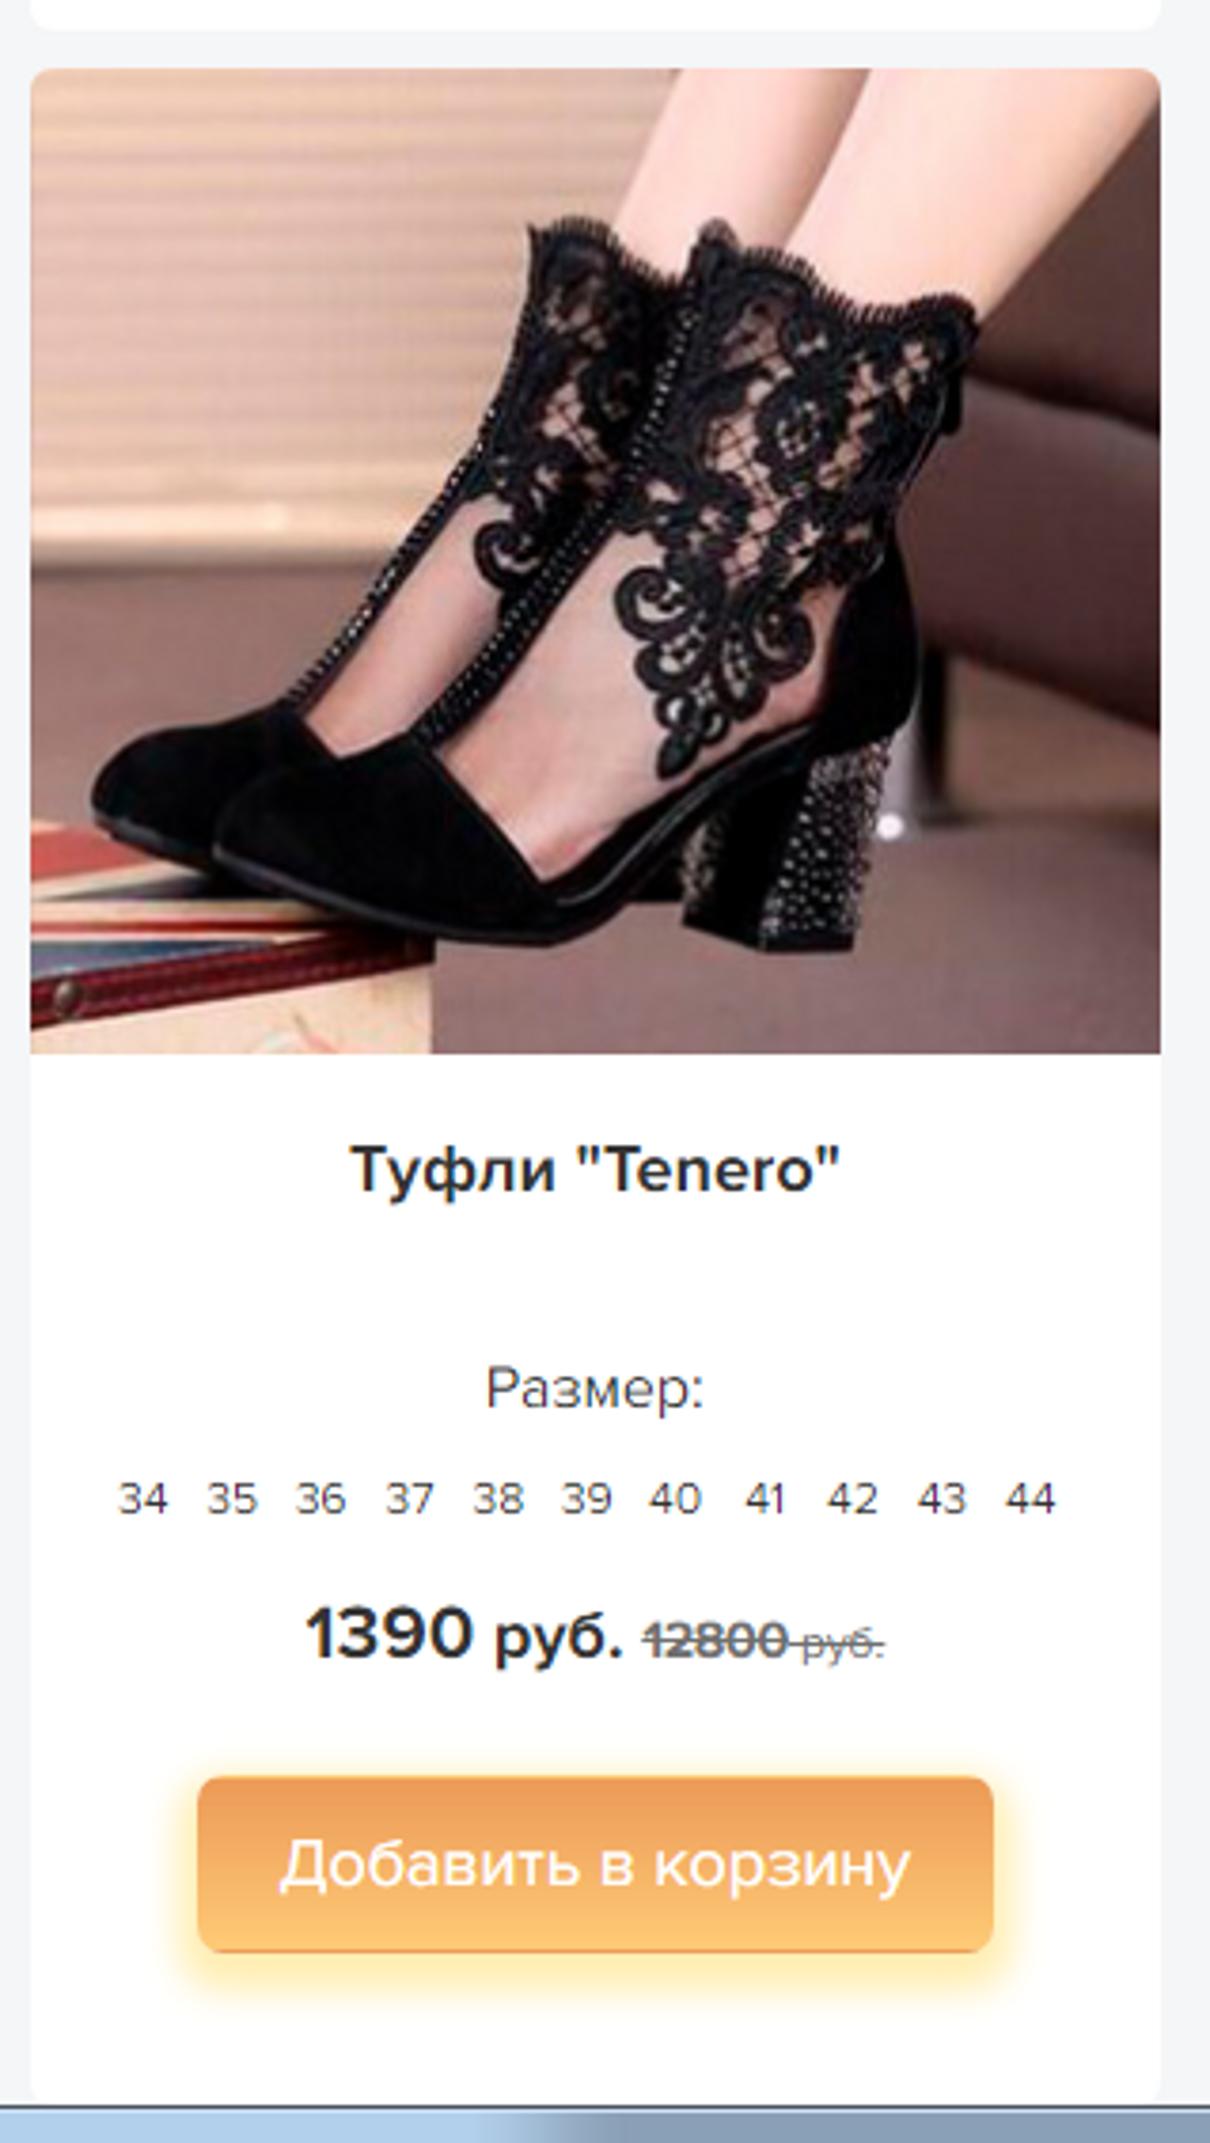 """Жалоба-отзыв: ООО """"ДМИТРОВСКИЙ ПАССАЖ"""" http://jardo-fashion.ru/? rb_clickid=87777496-1621843948-1057660799&utm_campaign=39866725&utm_content=87777496&utm_medium=cpc&utm_source=mytarget#about - Прислали СОВСЕМ не то!!! Сижу, реву... (((.  Фото №2"""